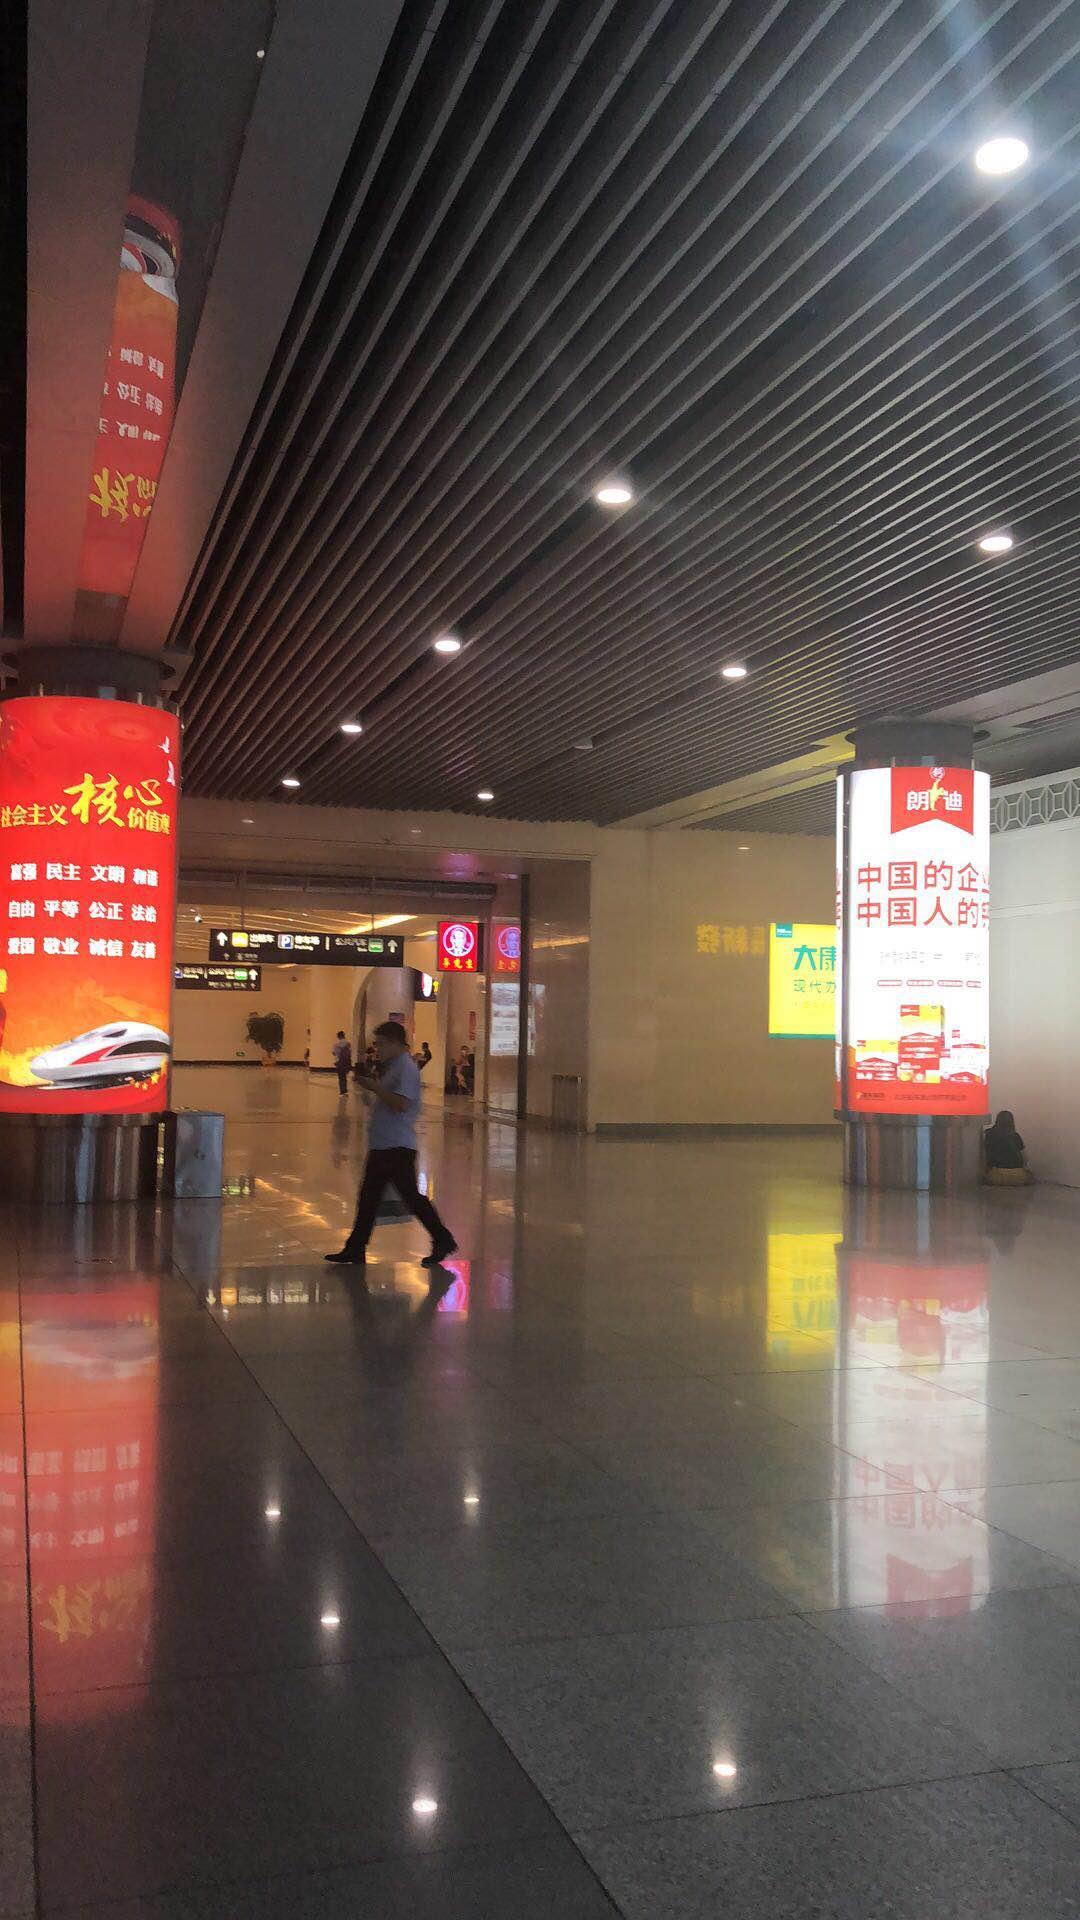 山西太原南站(高铁站)出站大厅灯箱立柱广告